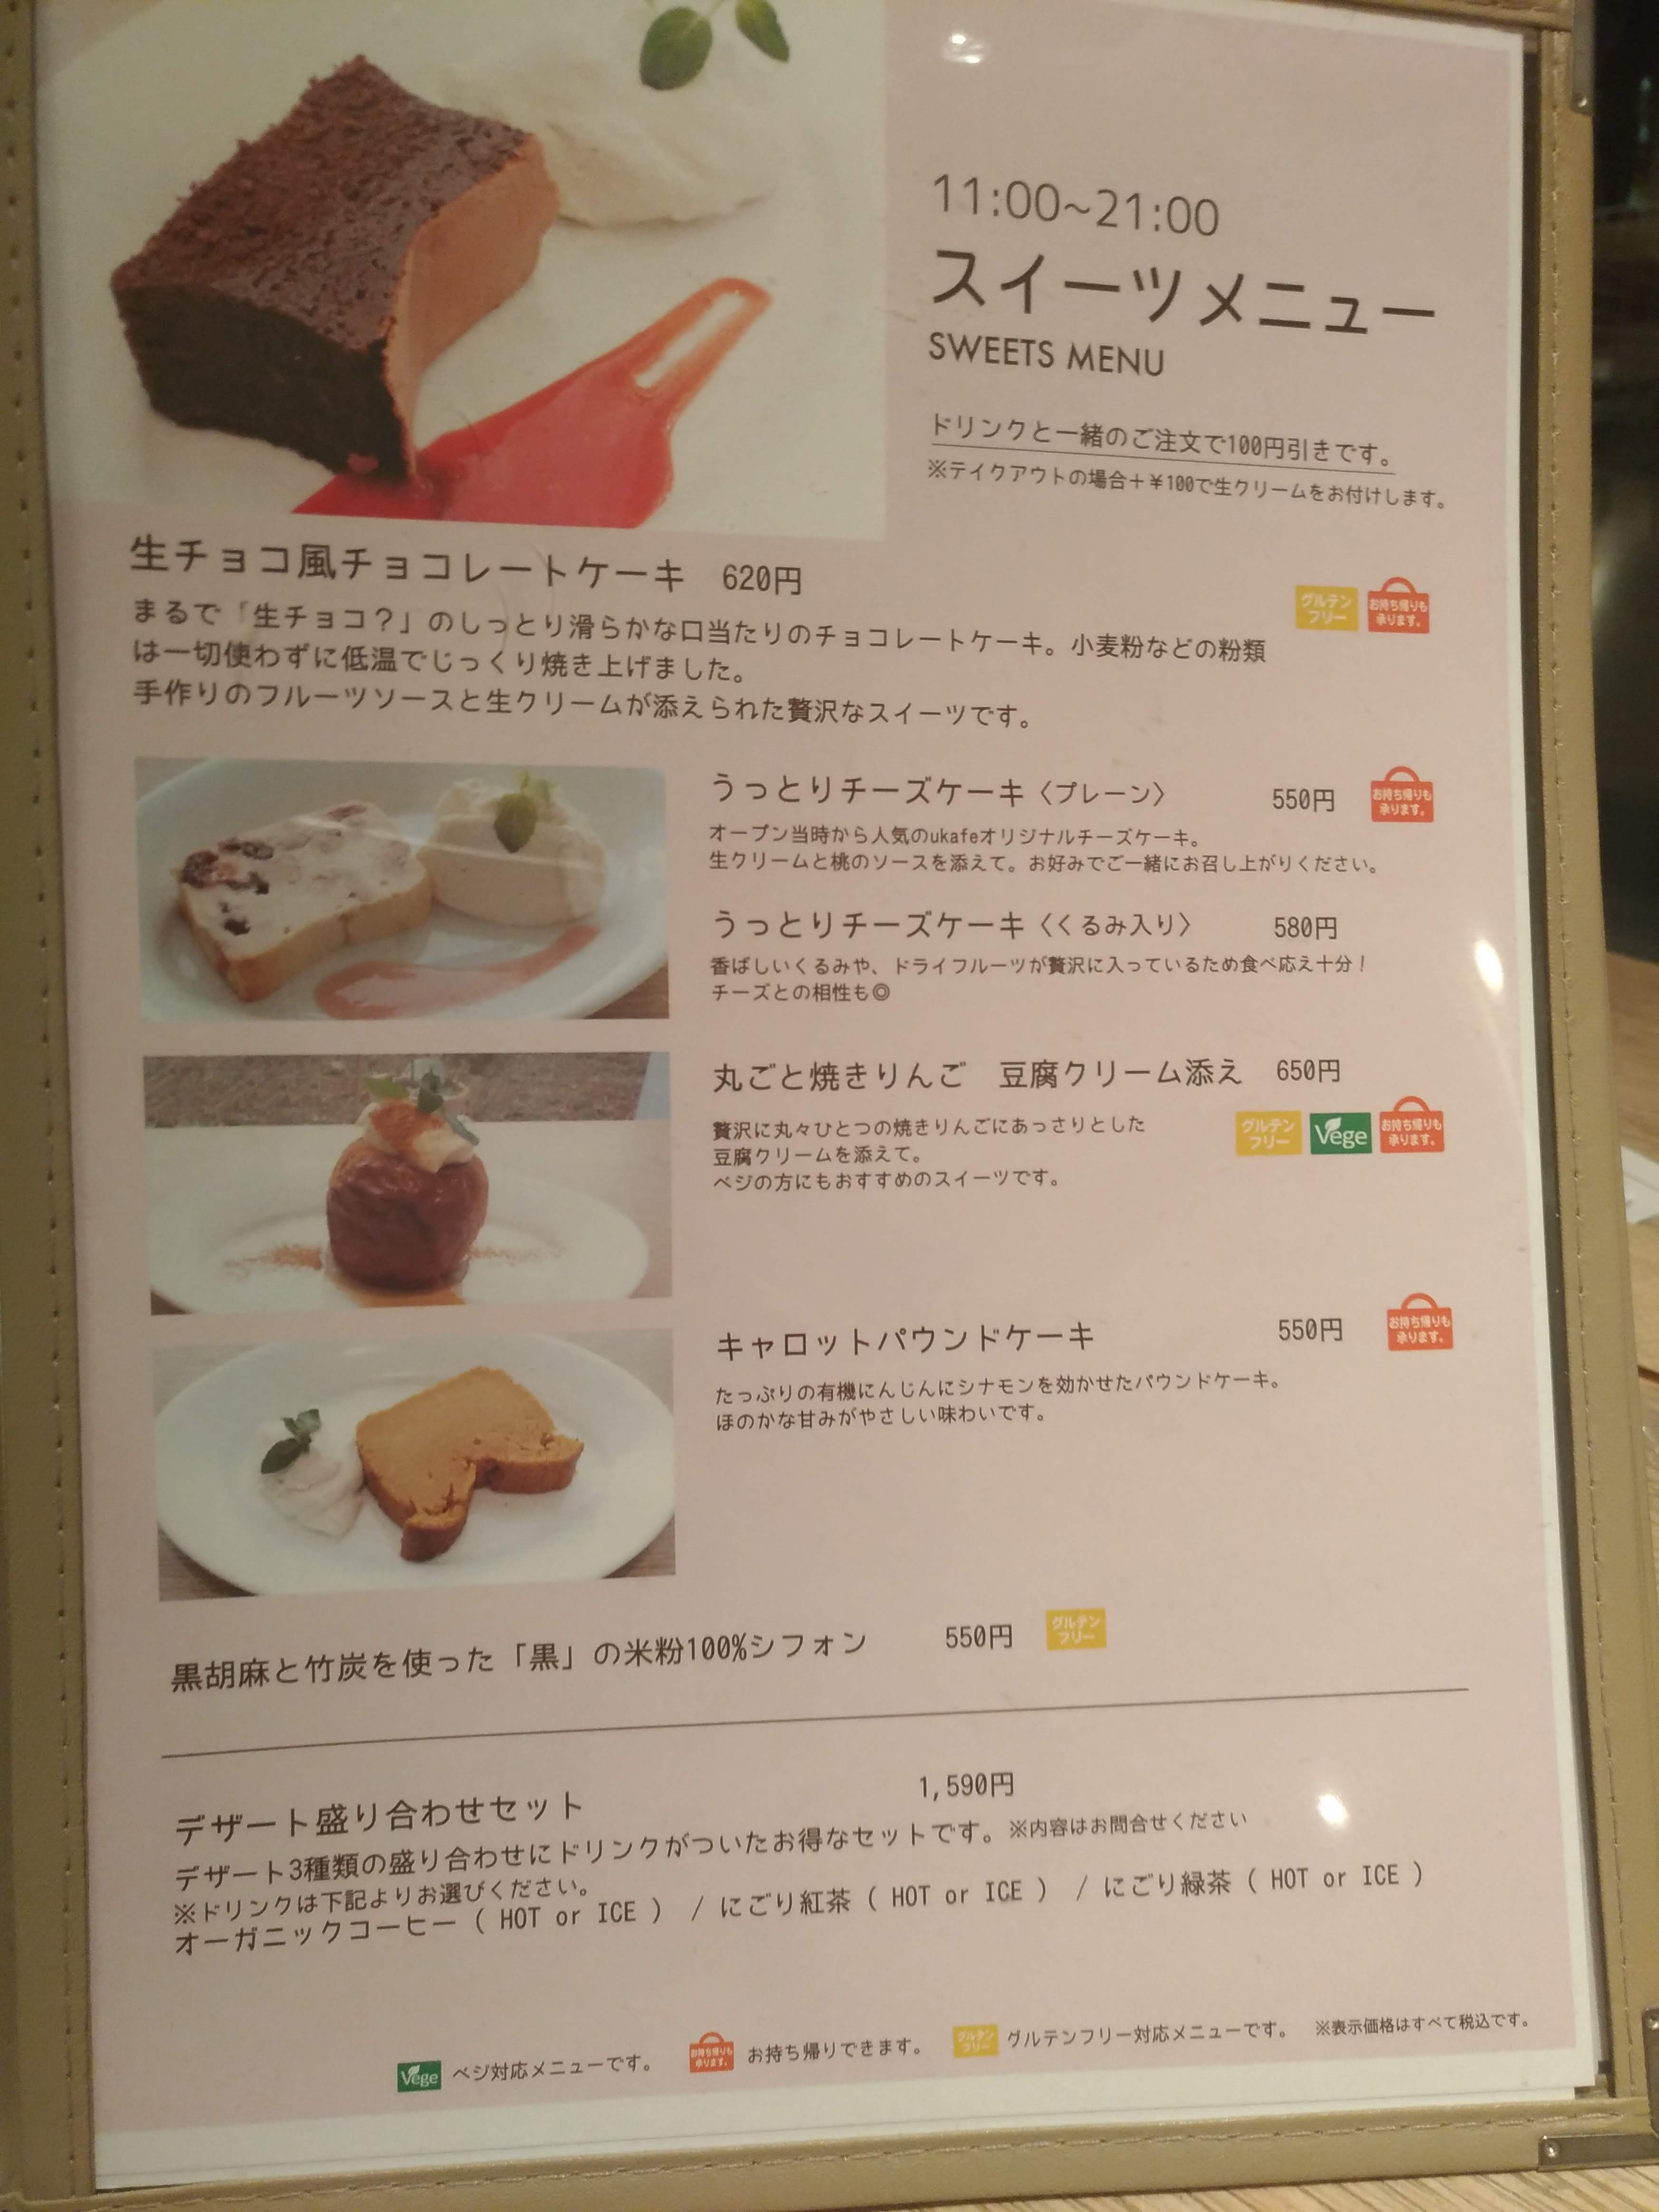 ウカフェ 東京ミッドタウン (1)